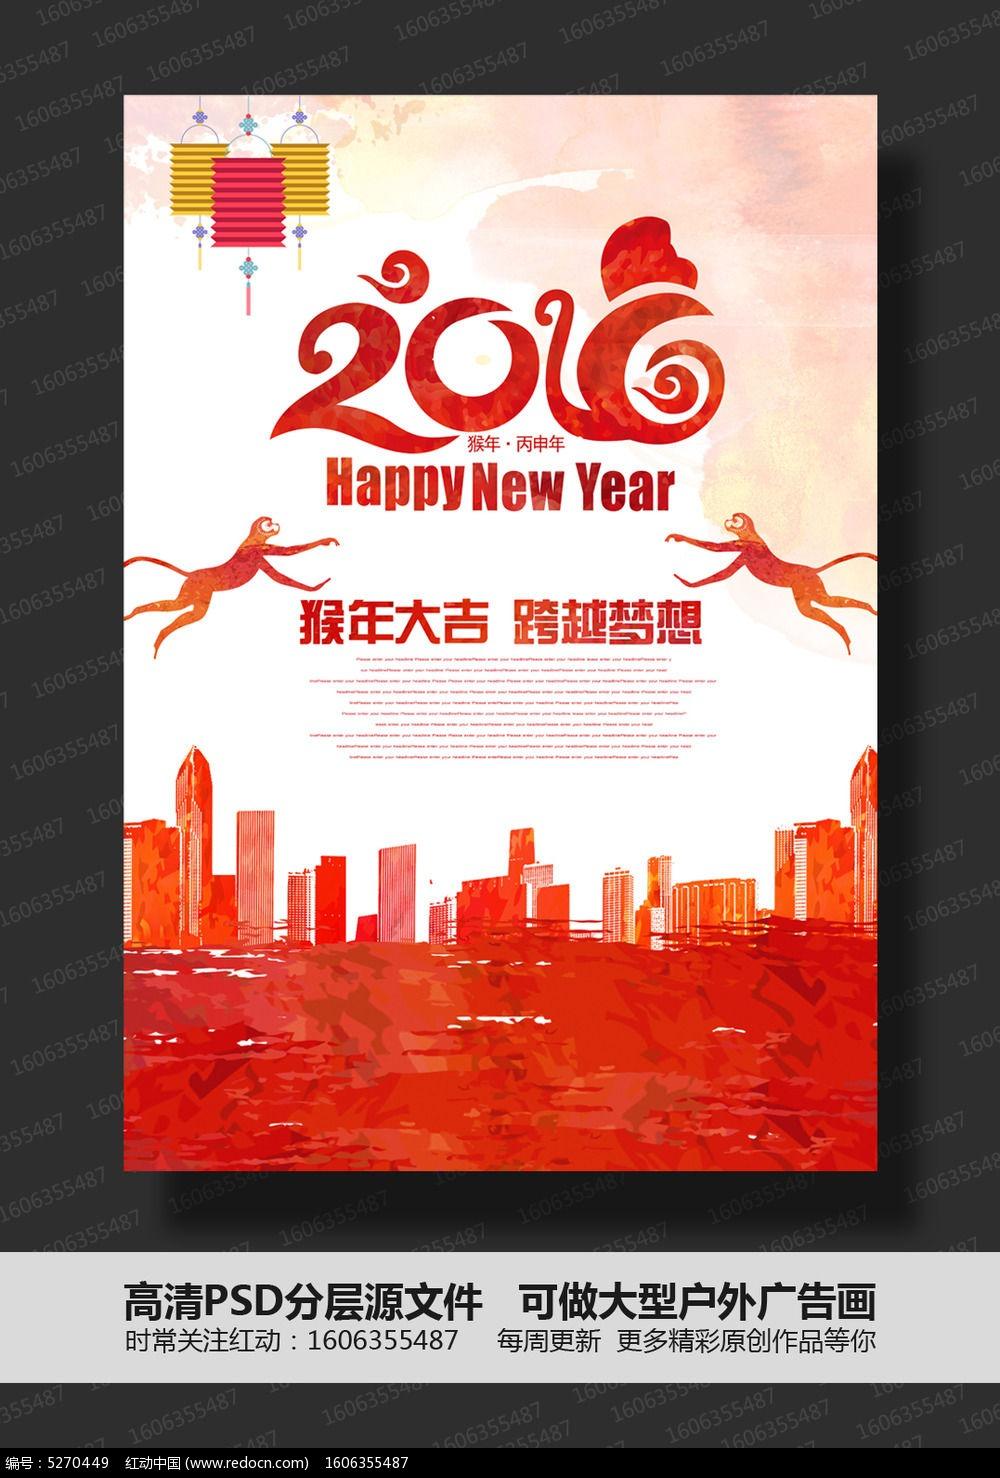 彩墨创意2016猴年跨年宣传海报展板图片